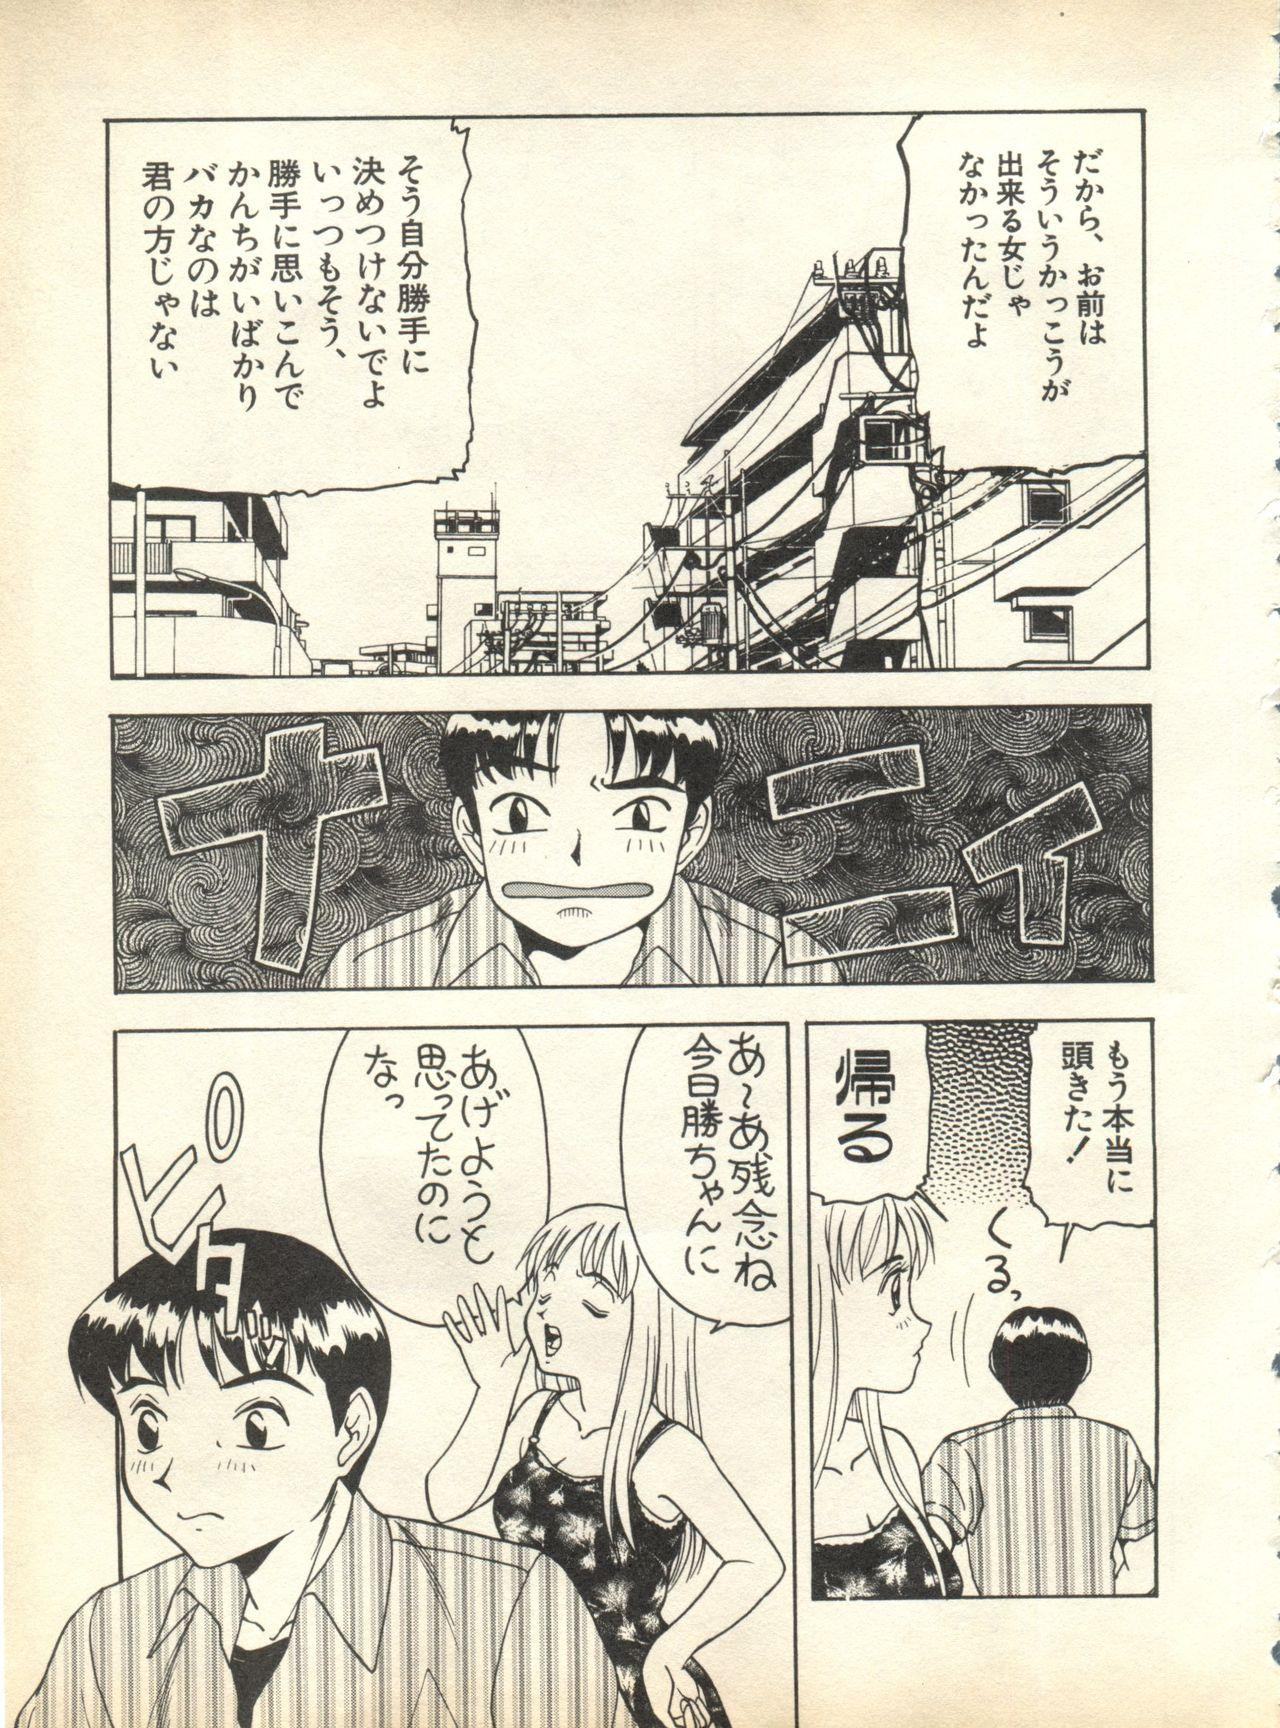 Pai;kuu 1998 October Vol. 13 220